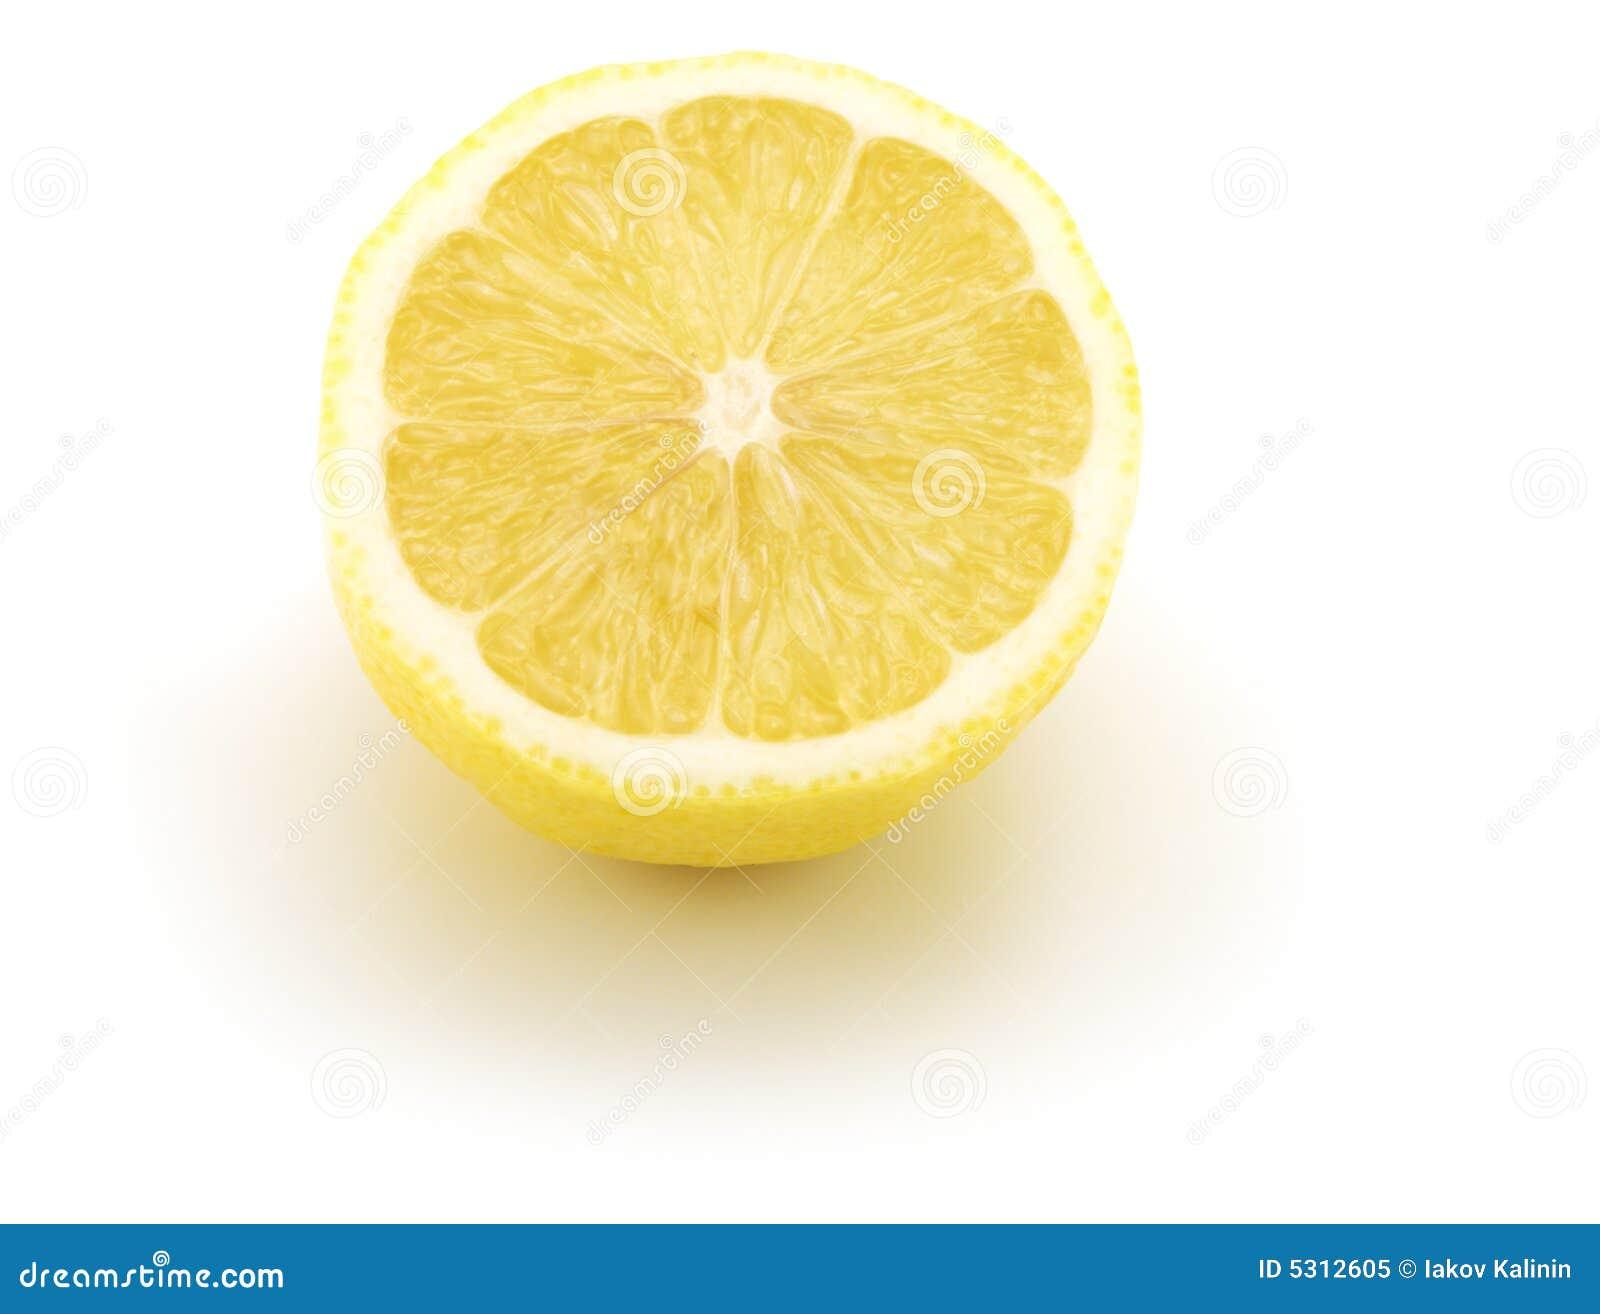 Download Mezzo immagine stock. Immagine di fresco, frutta, background - 5312605